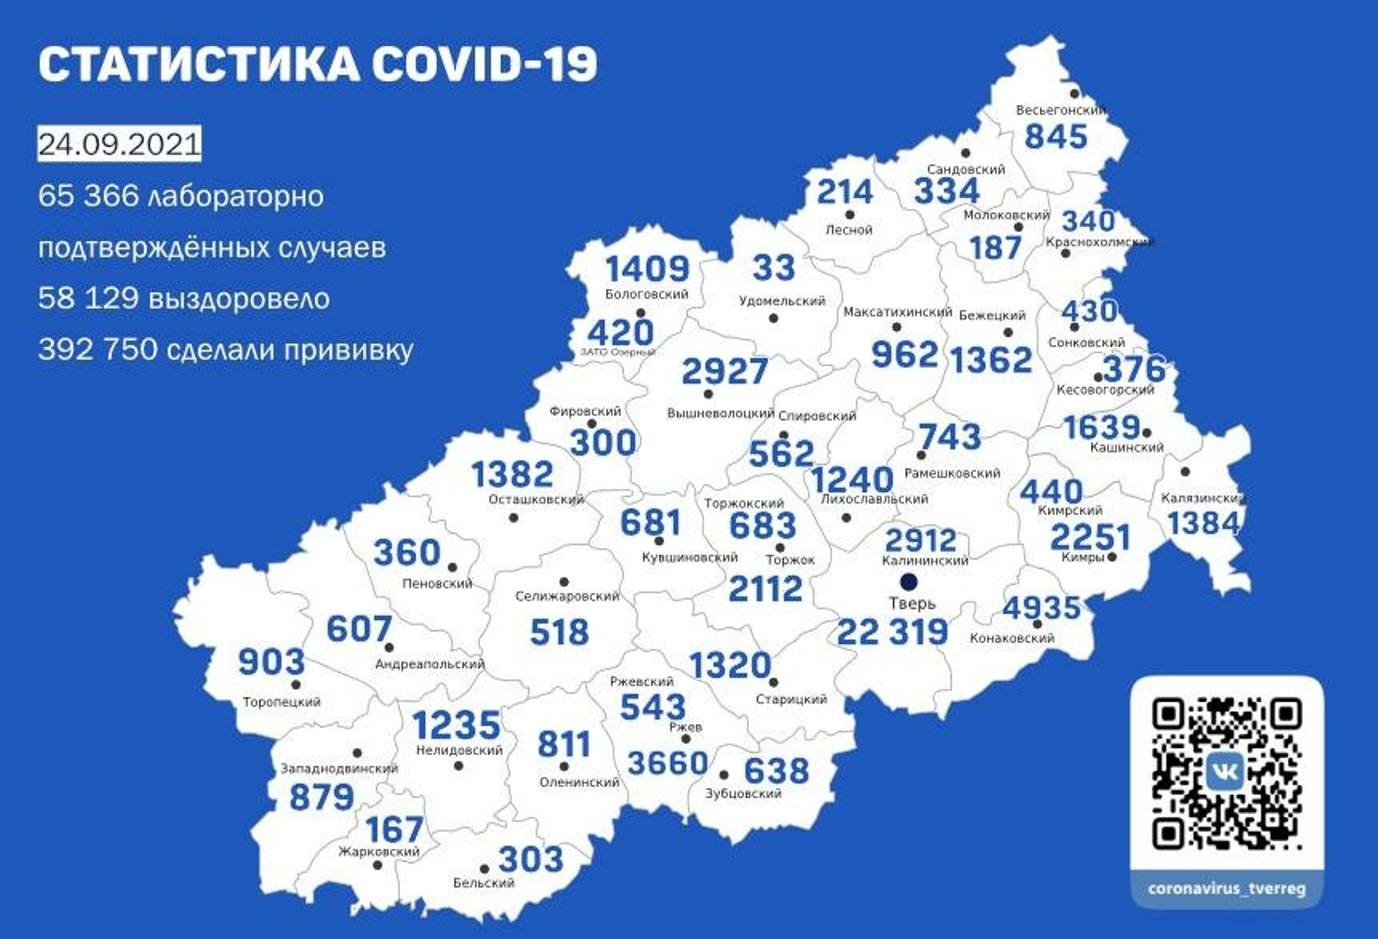 В Твери +46 зараженных. Карта коронавируса в Тверской области за 24 сентября